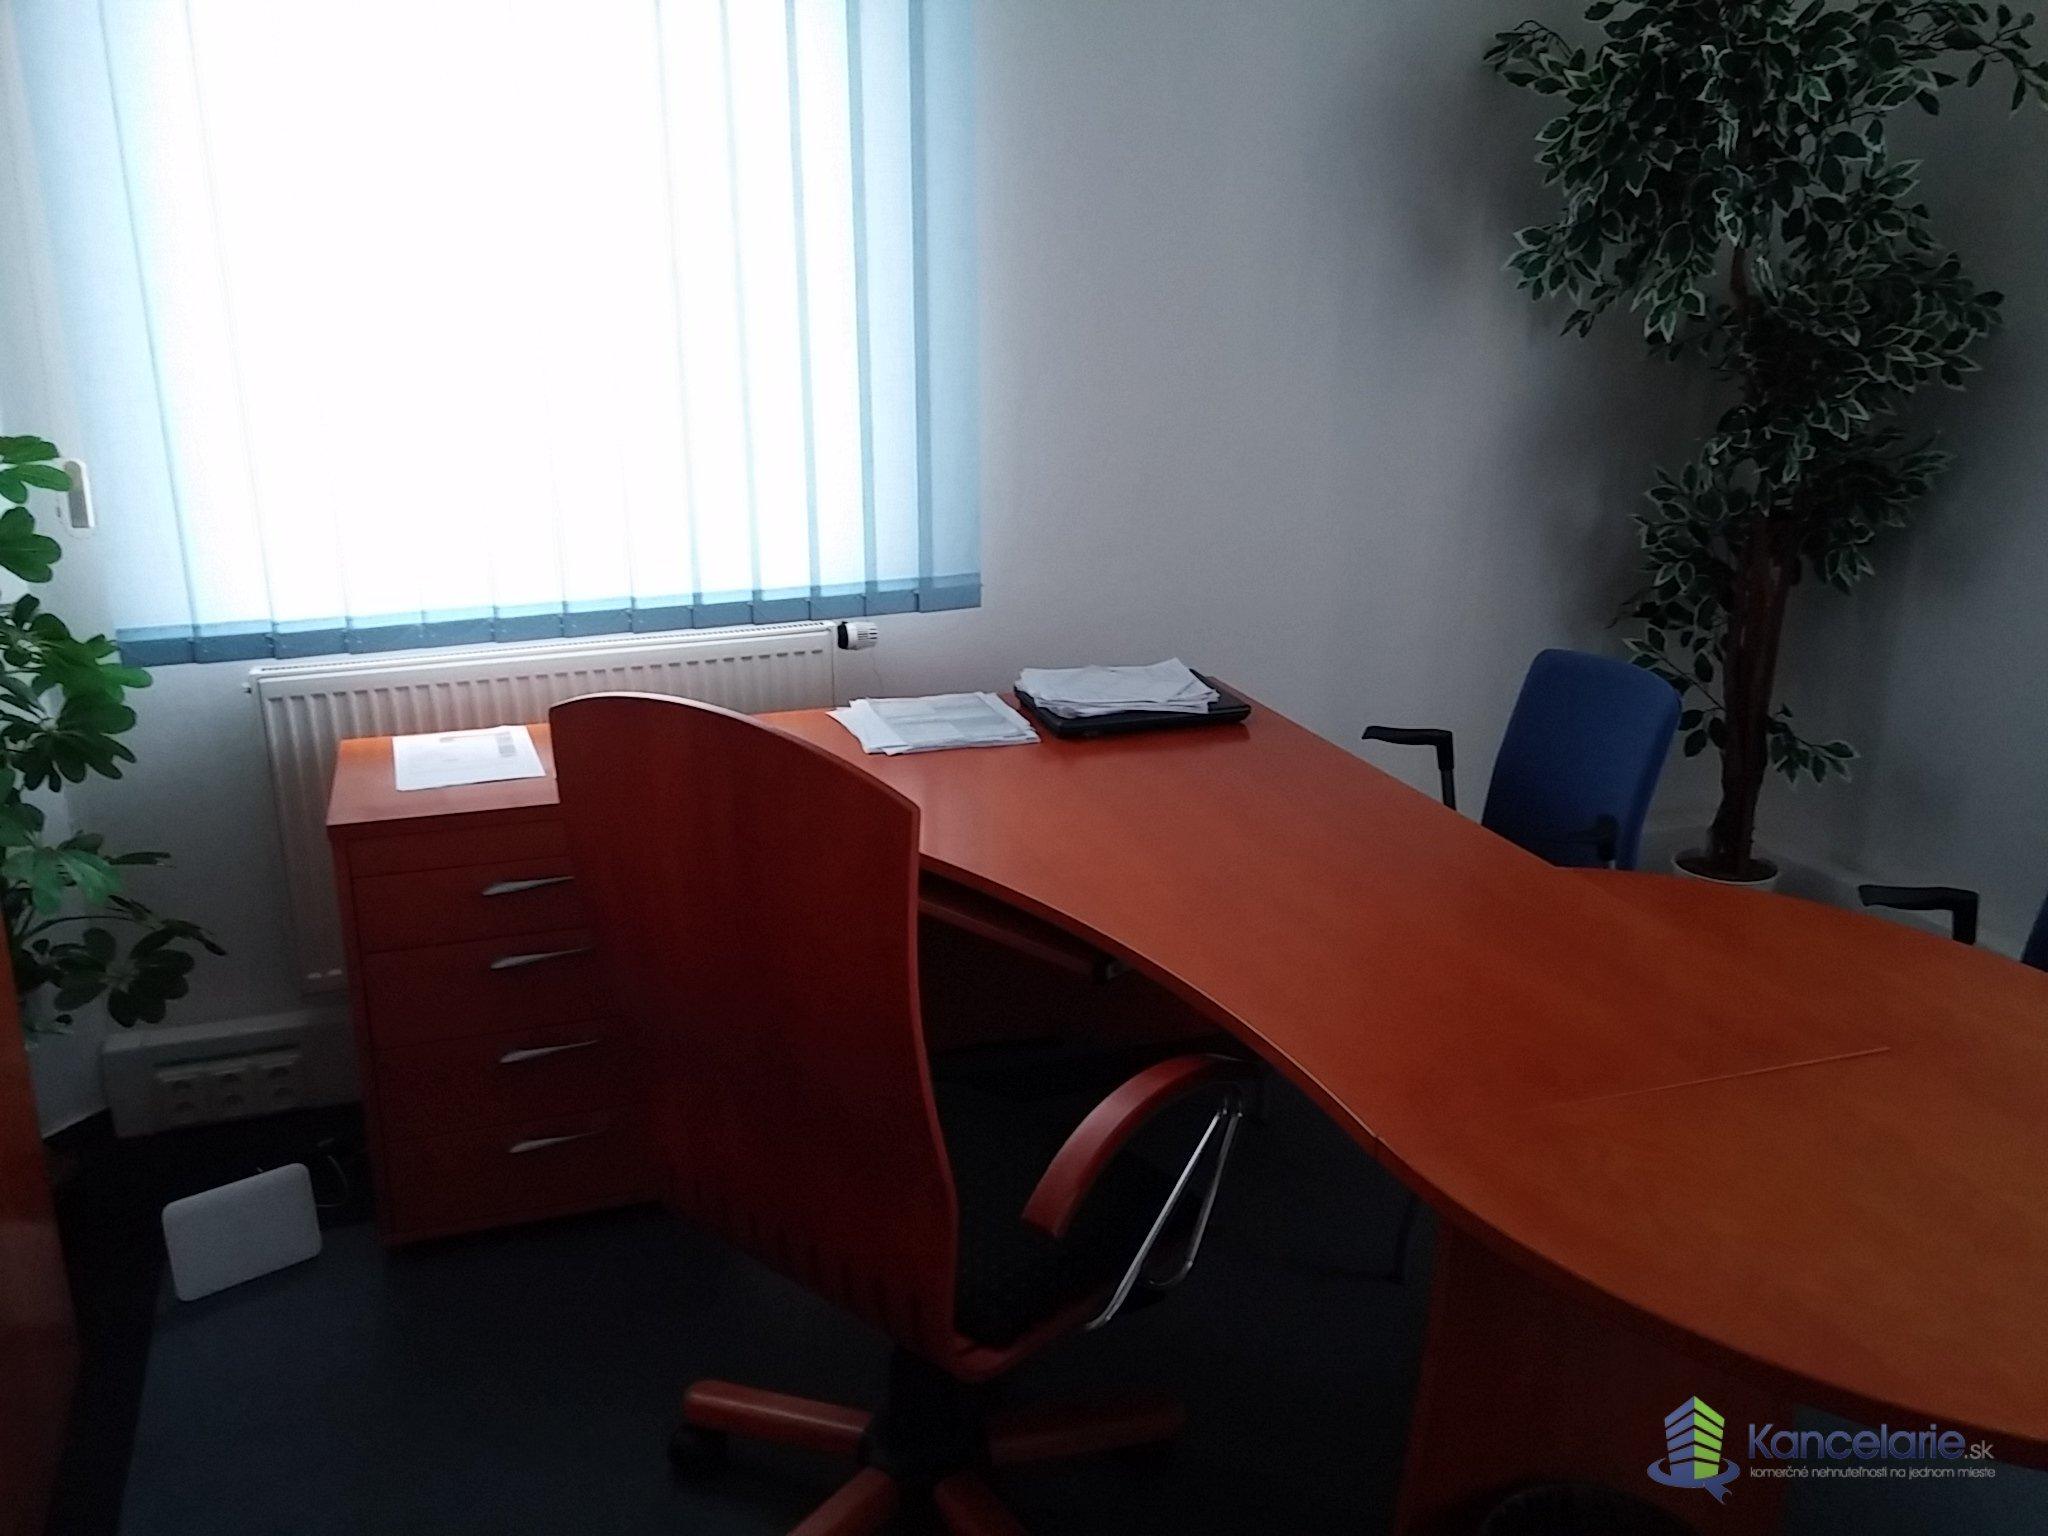 AB Allianz - Slovenská poisťovňa, a.s., Kancelária č. 616, P.Rádayho 8, Lučenec